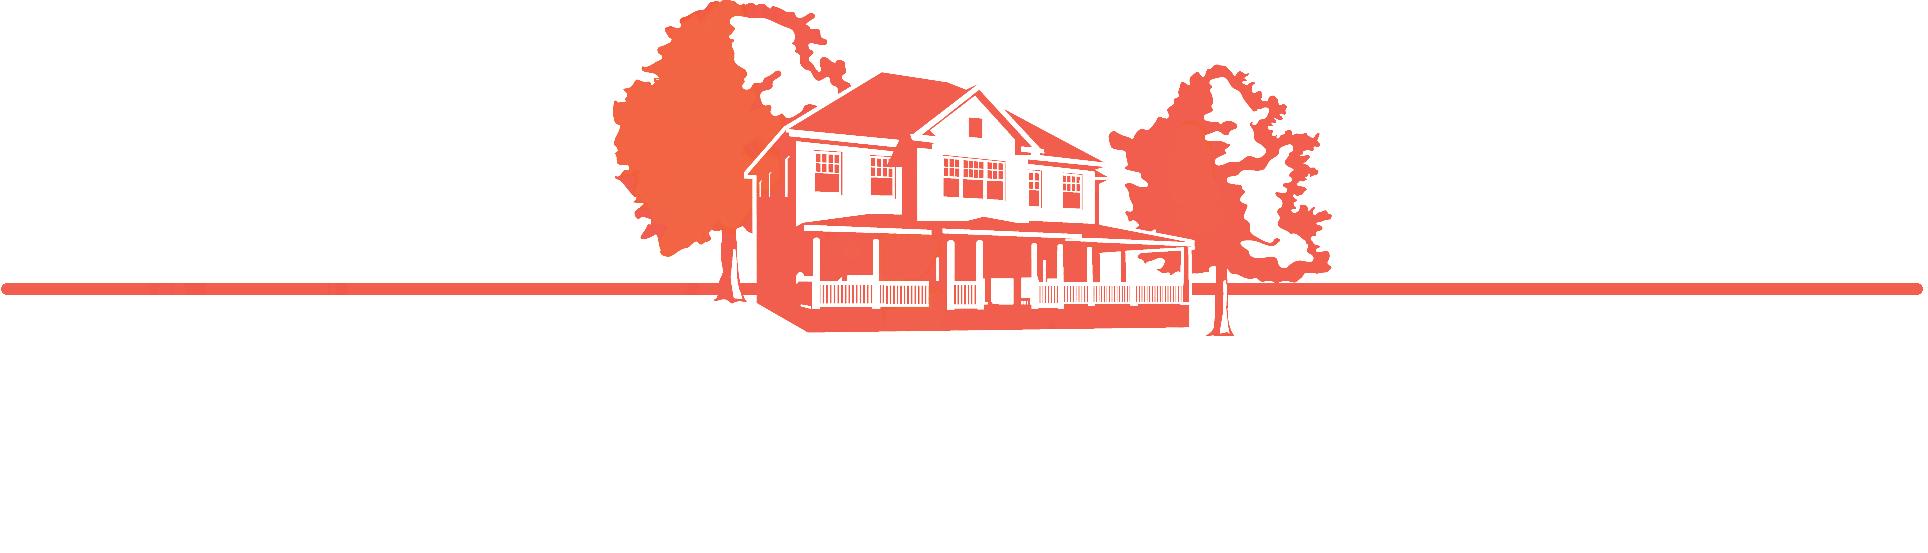 Farmhouse clipart ranch house. Carolina country homes modular